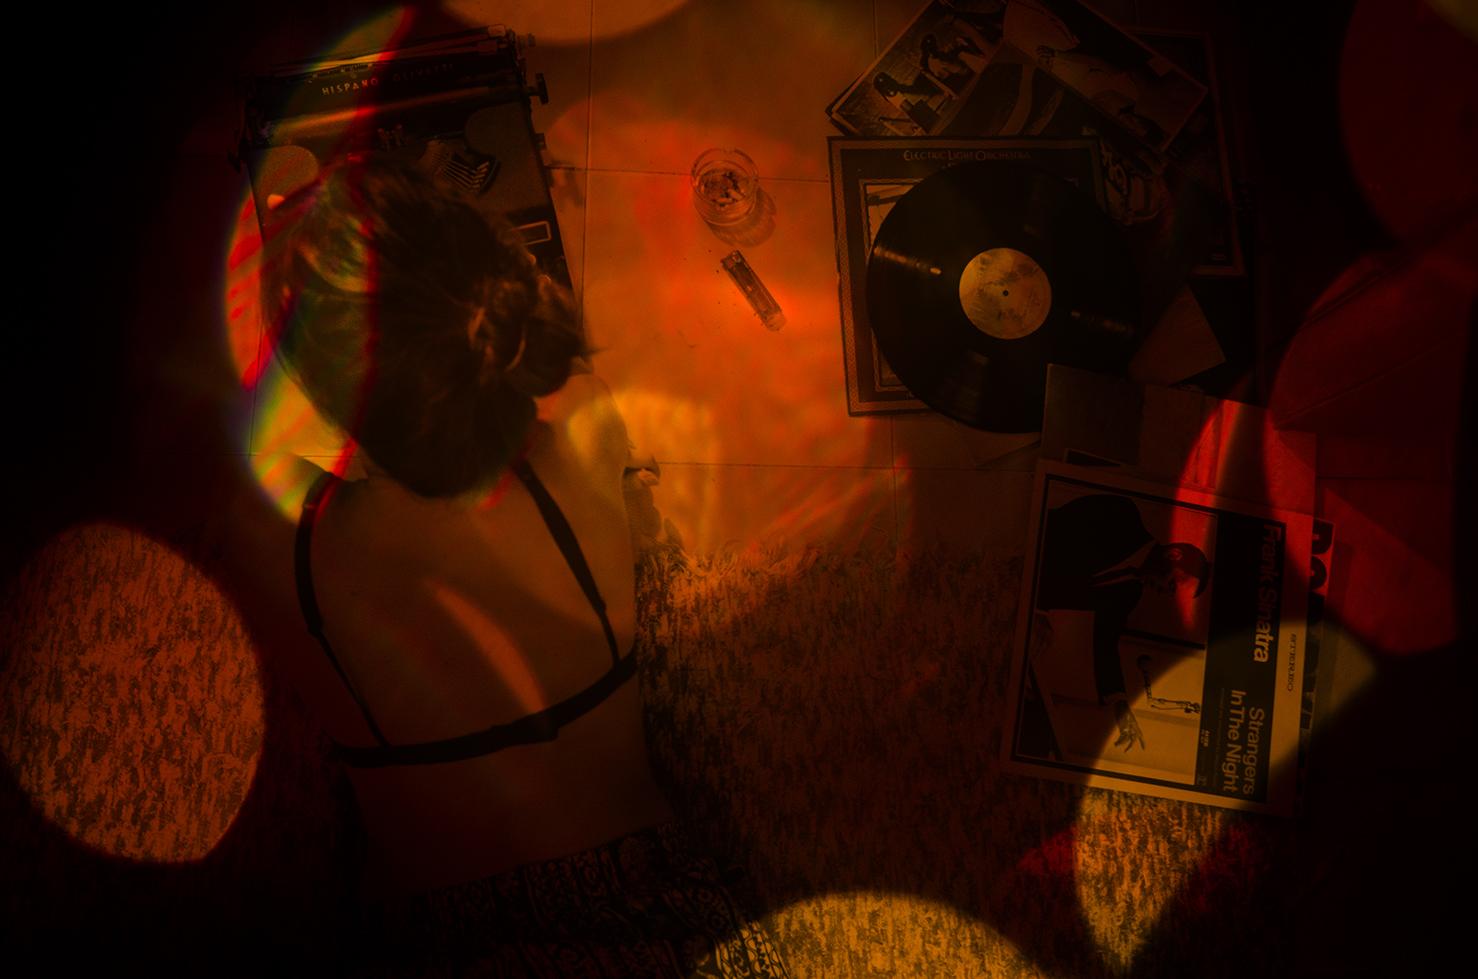 No imagino mi vida sin la experiencia de la música y todo lo que ha causado, lo que ha inspirado;las erizadas al escuchar un tono increible, el tarareo constante en susurro de una canción eterna,las noches de danza que ya no importa si son solas o acompañadas, las trovas que protestan y los poemas cantados...